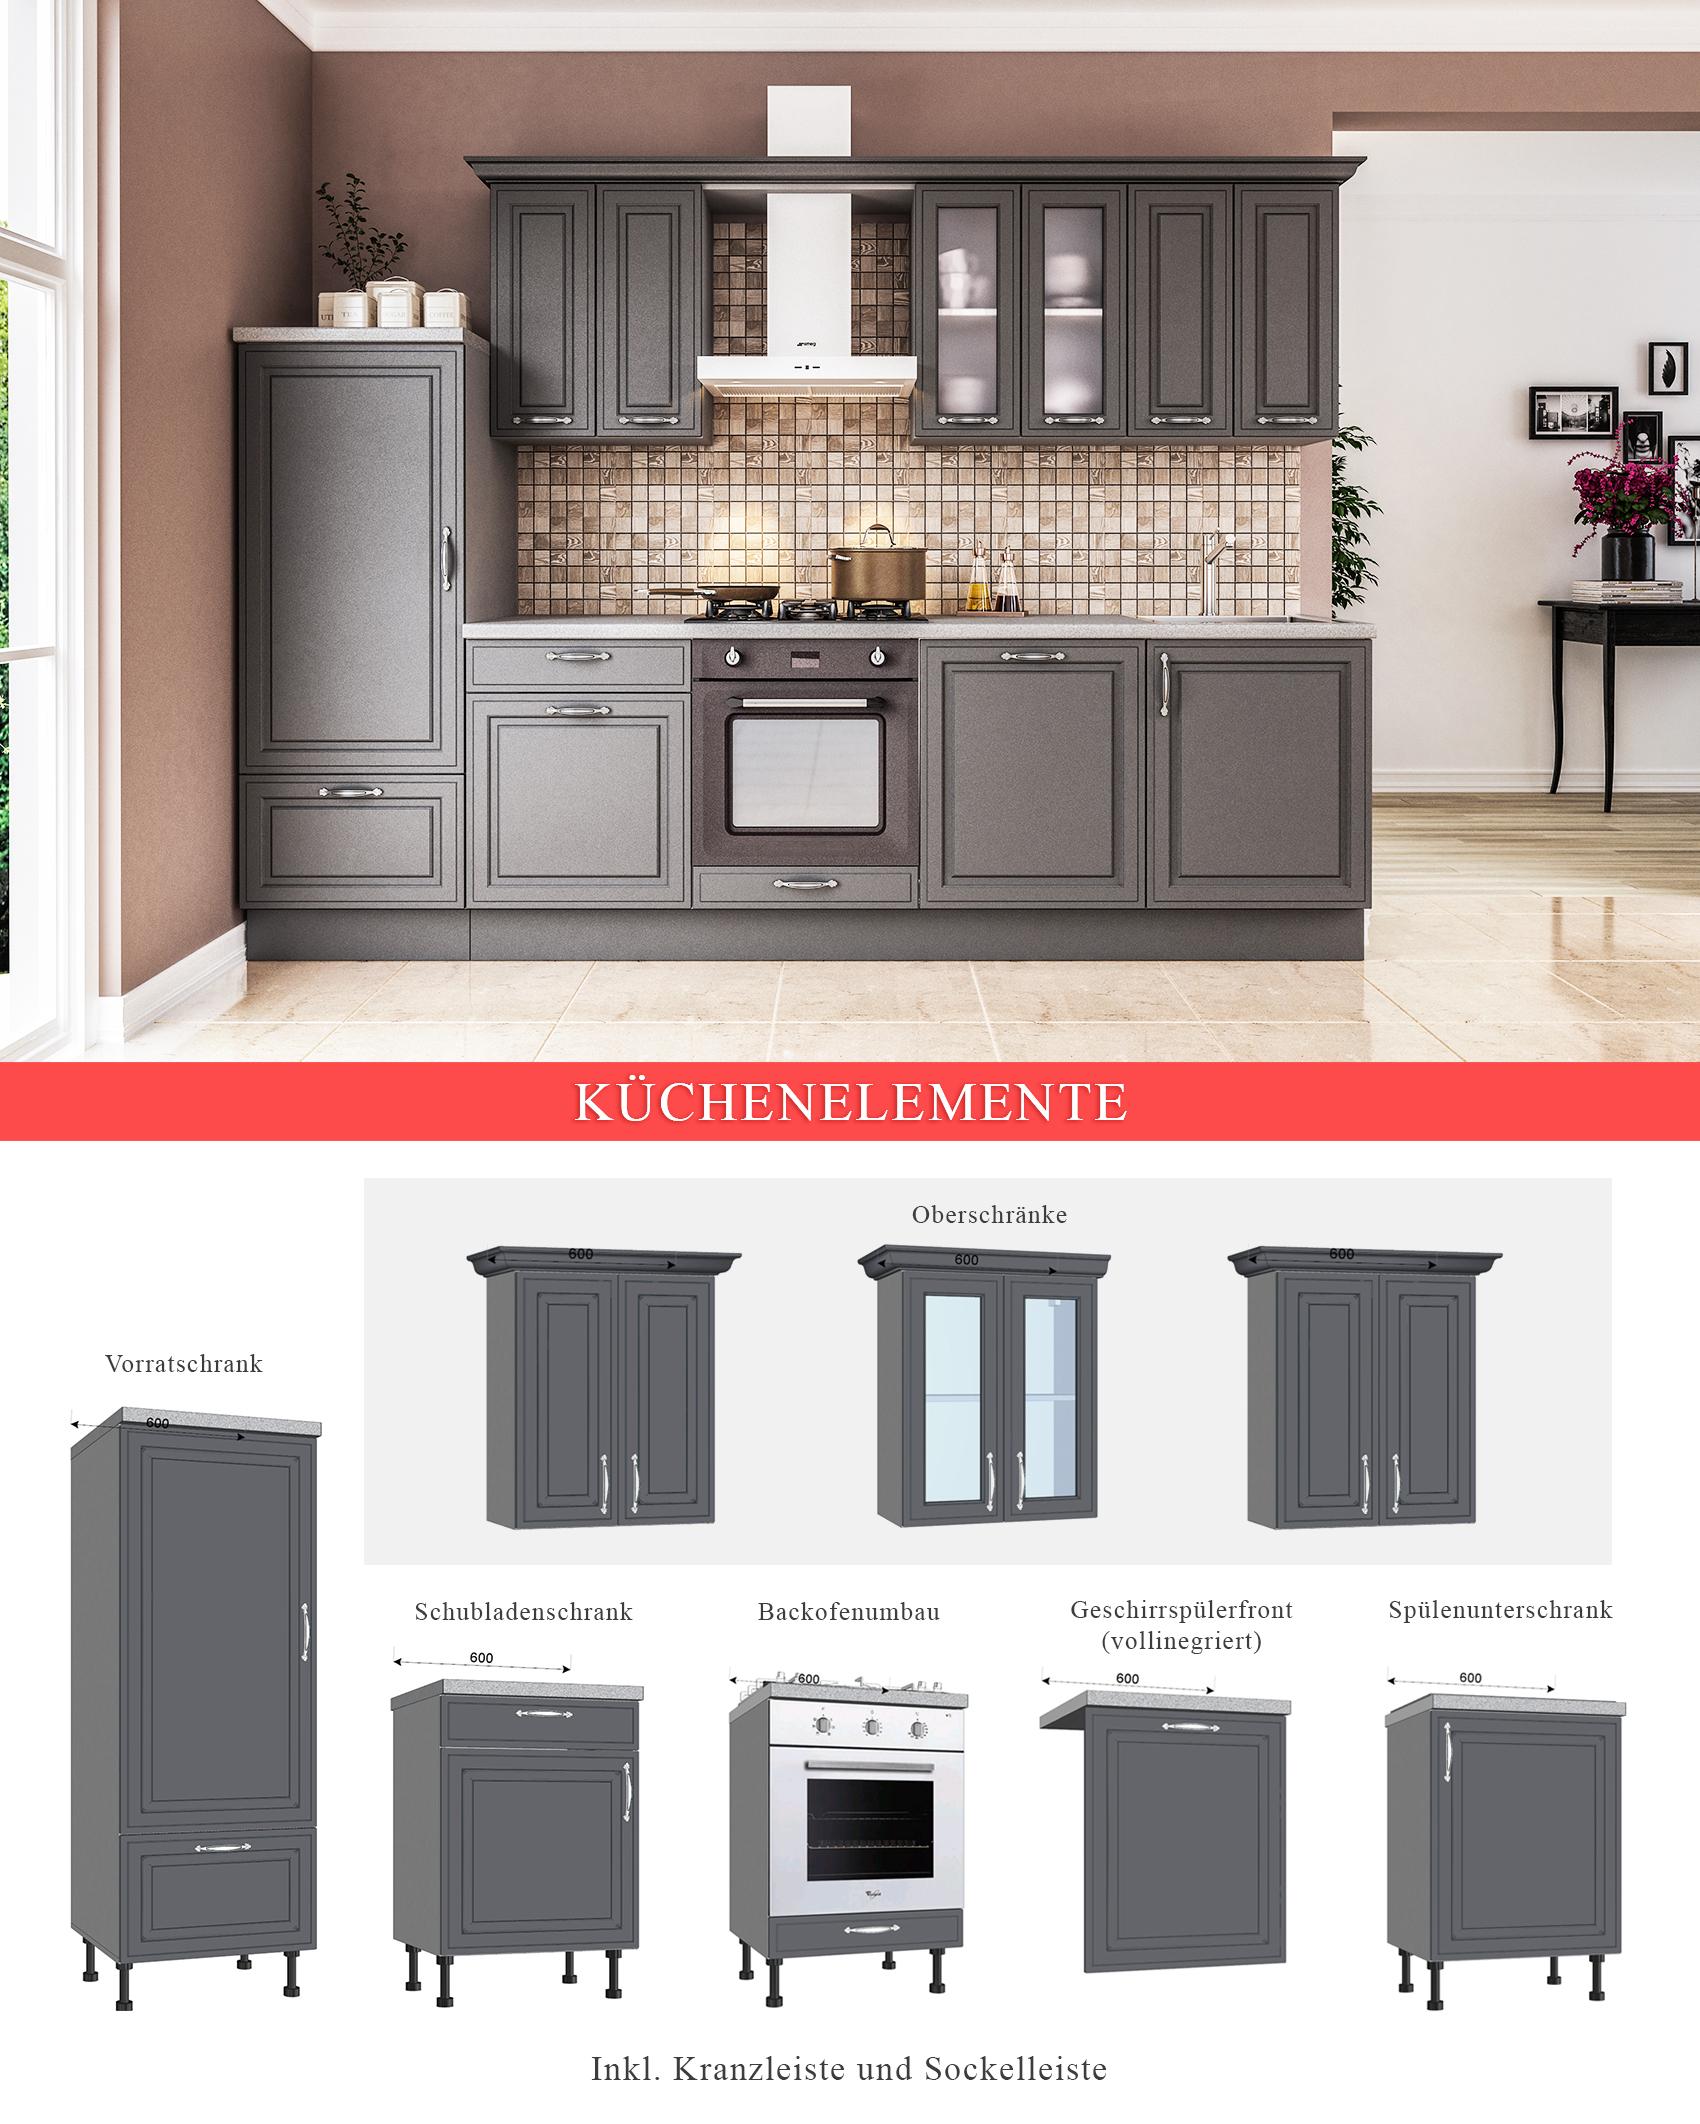 Full Size of Teppich Küchekomplettküche Mit Elektrogeräten Miele Komplettküche Willhaben Komplettküche Komplettküche Billig Küche Komplettküche